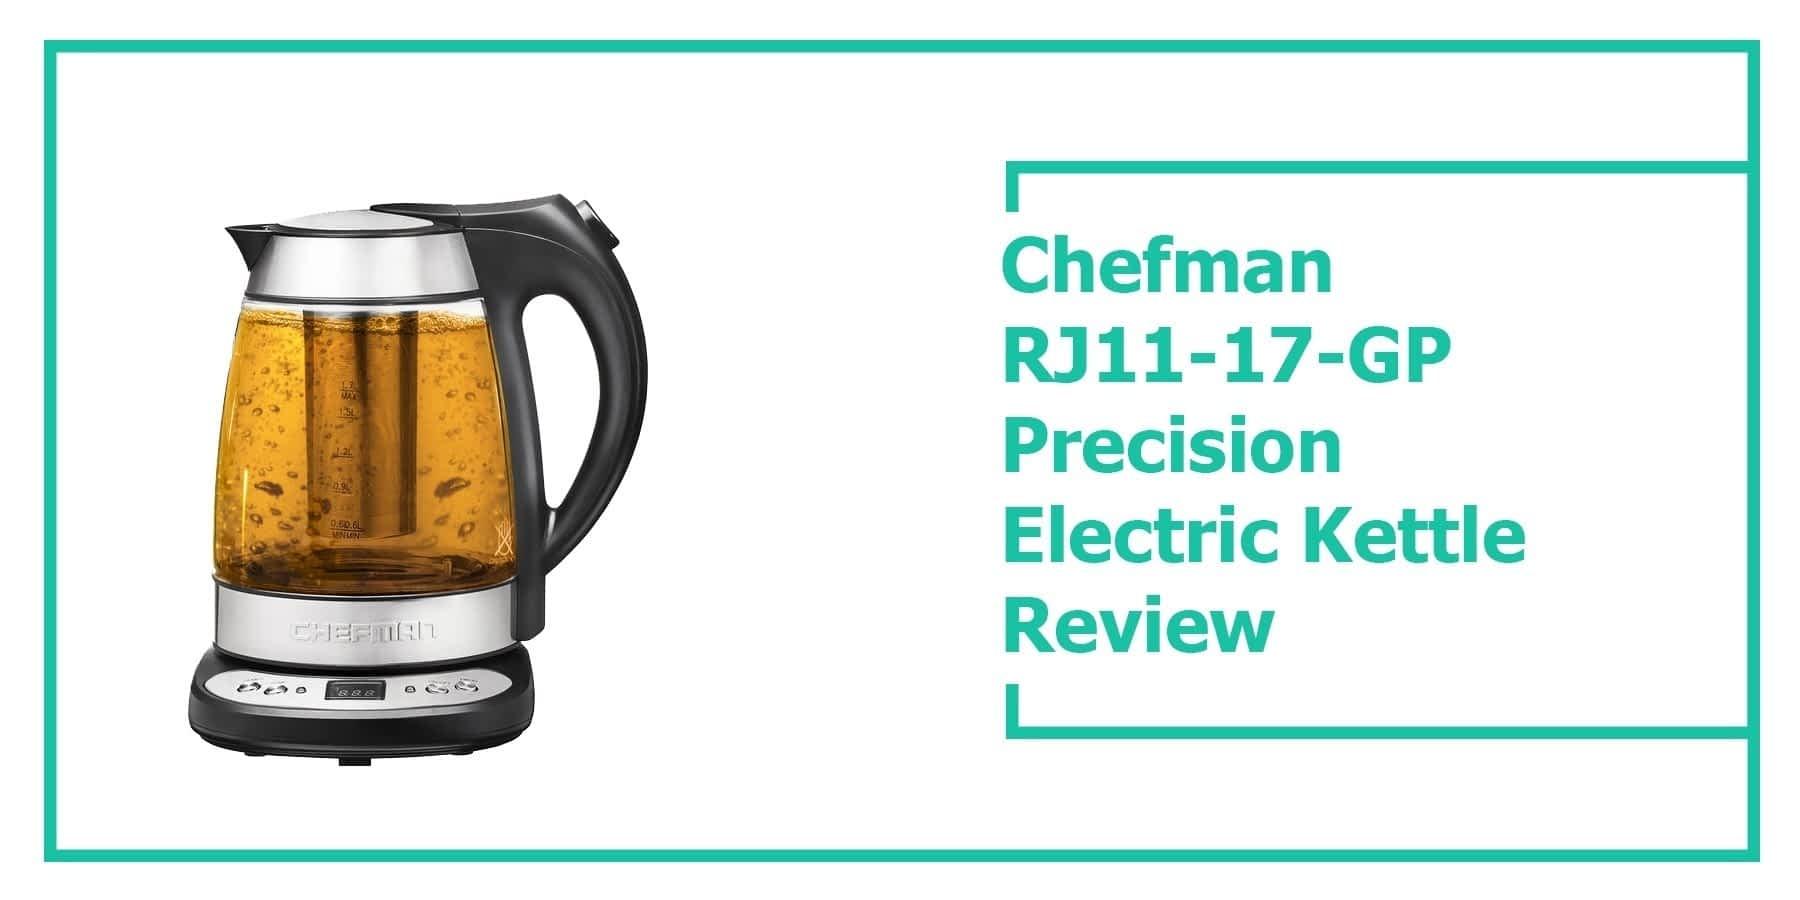 Chefman RJ11-17-GP Precision Electric Kettle Review